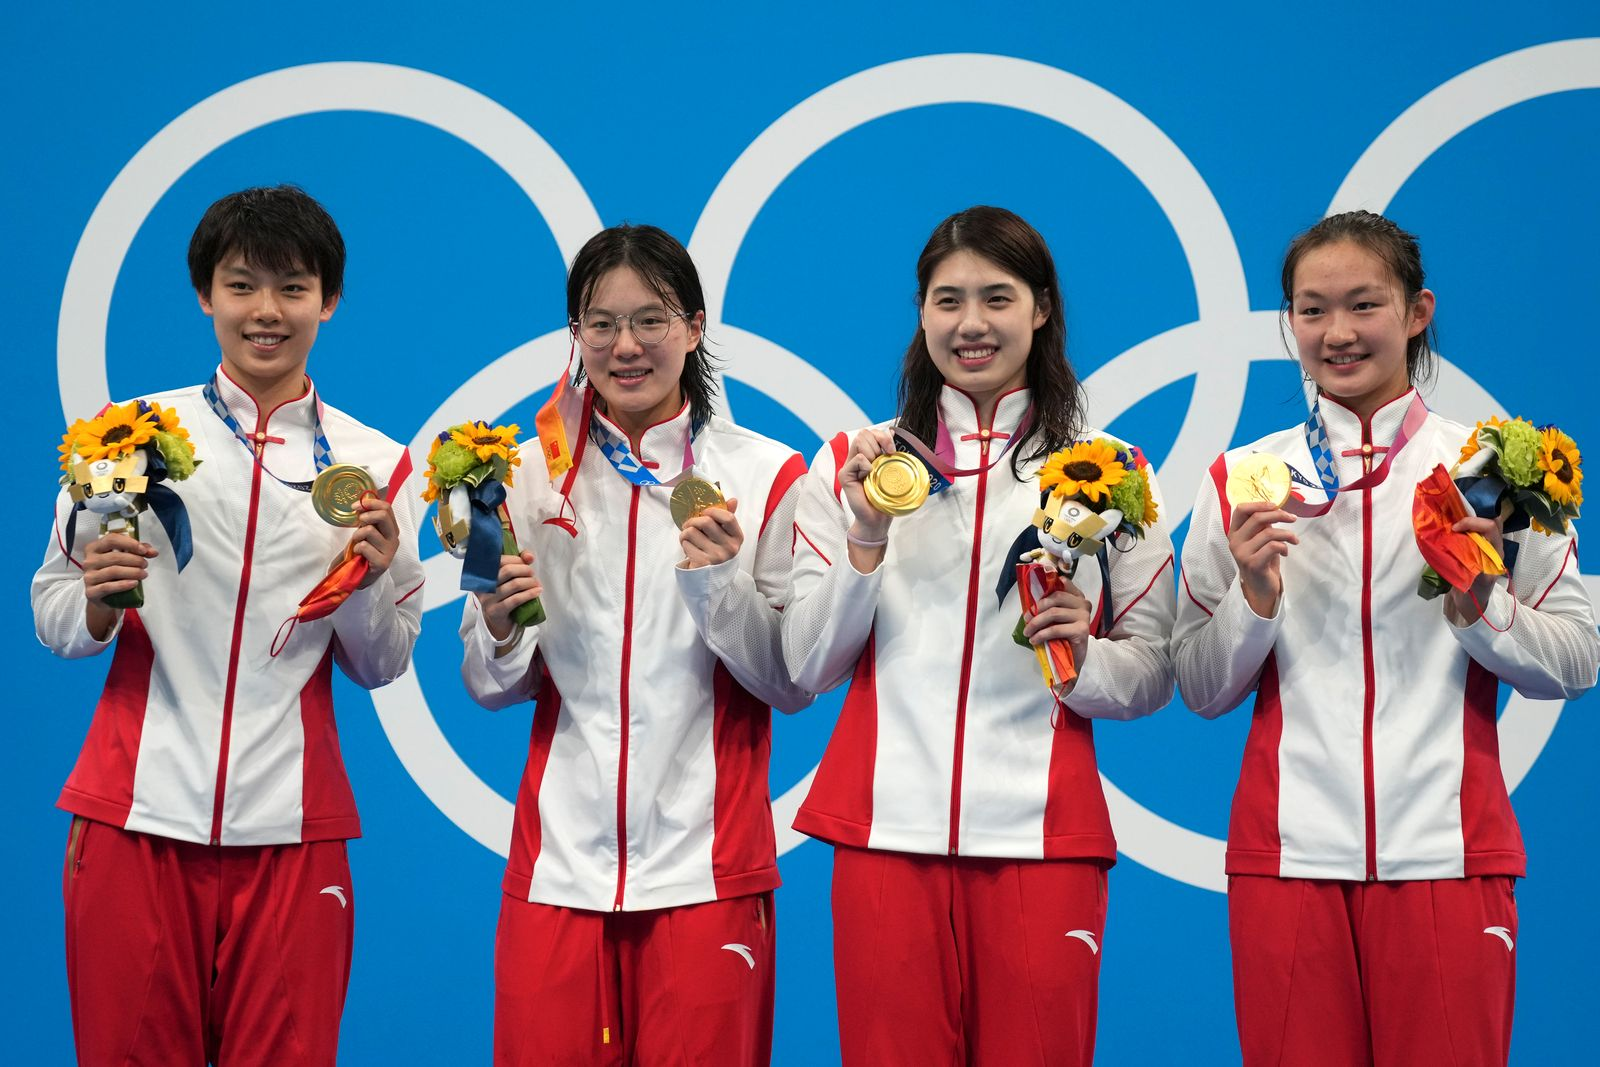 Yang Junxuan, Tang Muhan, Zhang Yifan, Li Bingjie